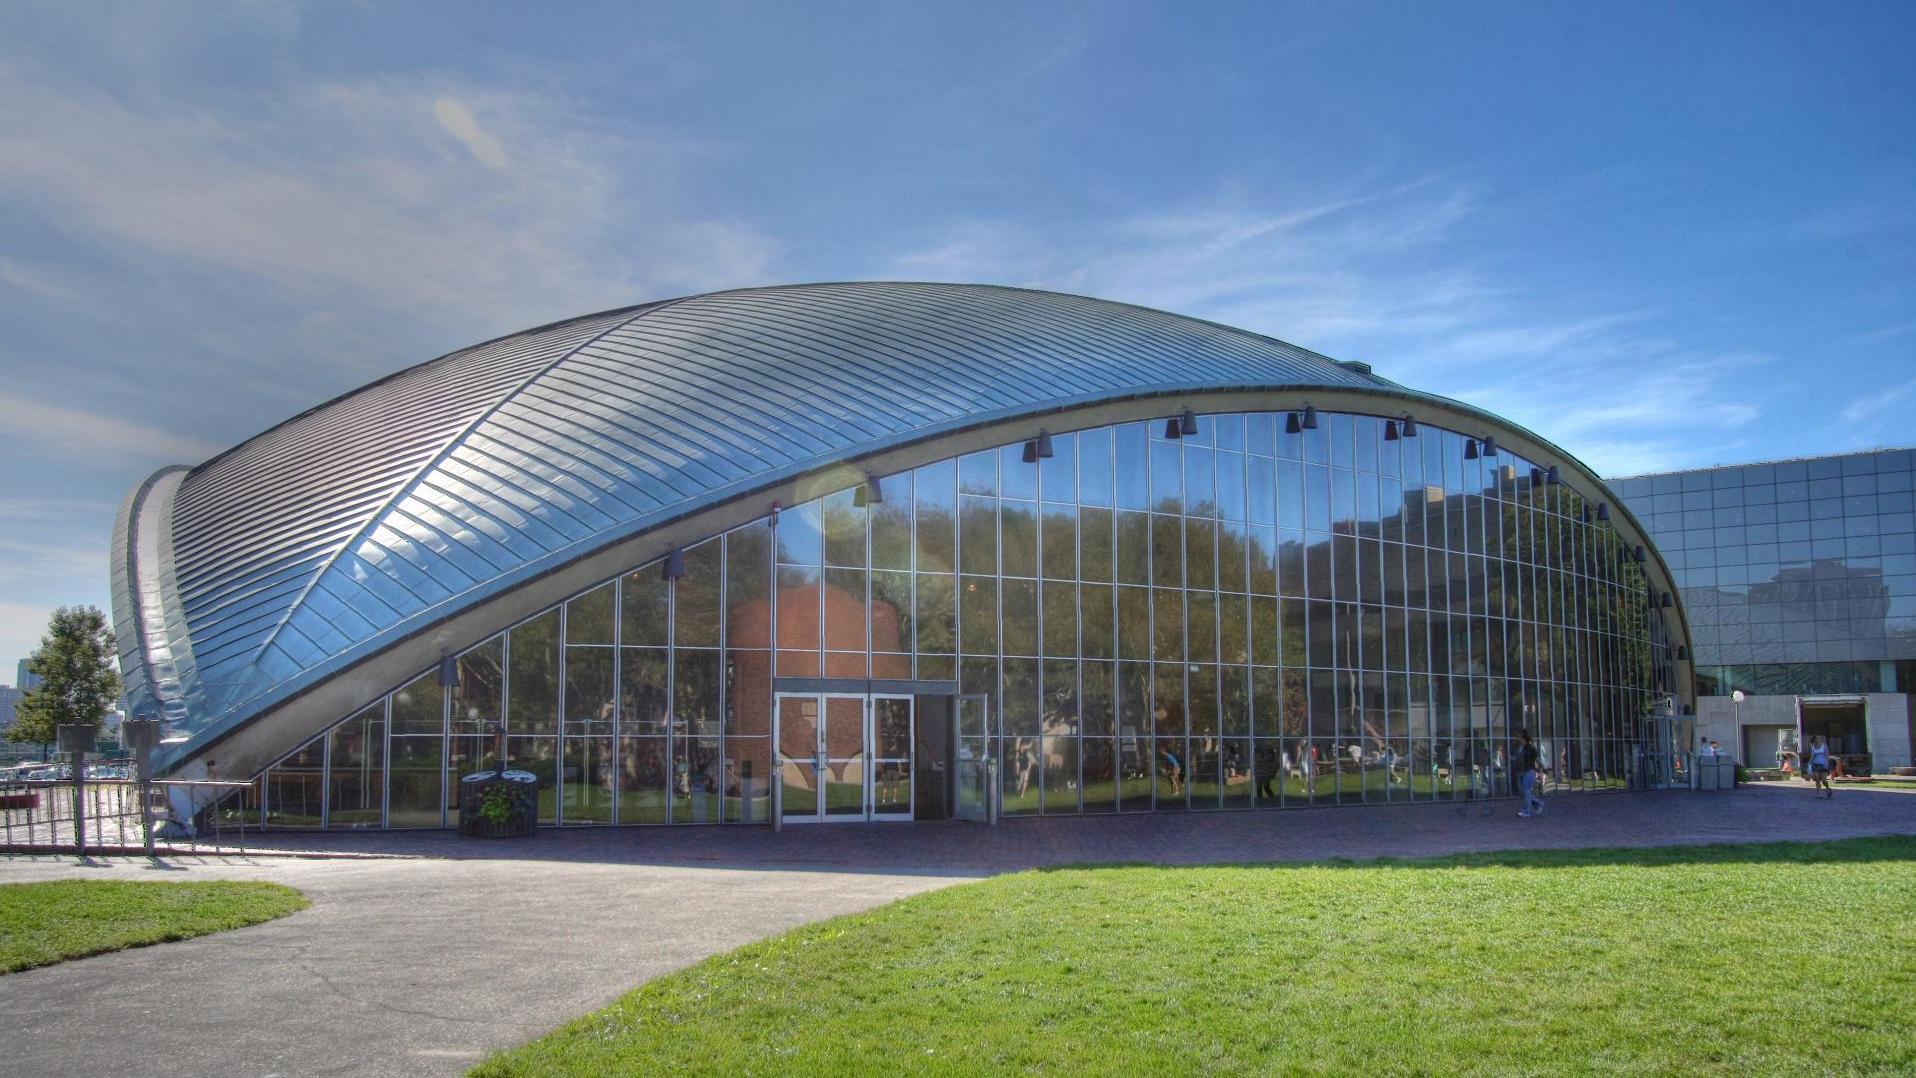 Học viện công nghệ MIT nằm ở vị trí đầu tiên trong bảng xếp hạng các trường Đại học đào tạo công nghệ thông tin tốt nhất nước Mỹ